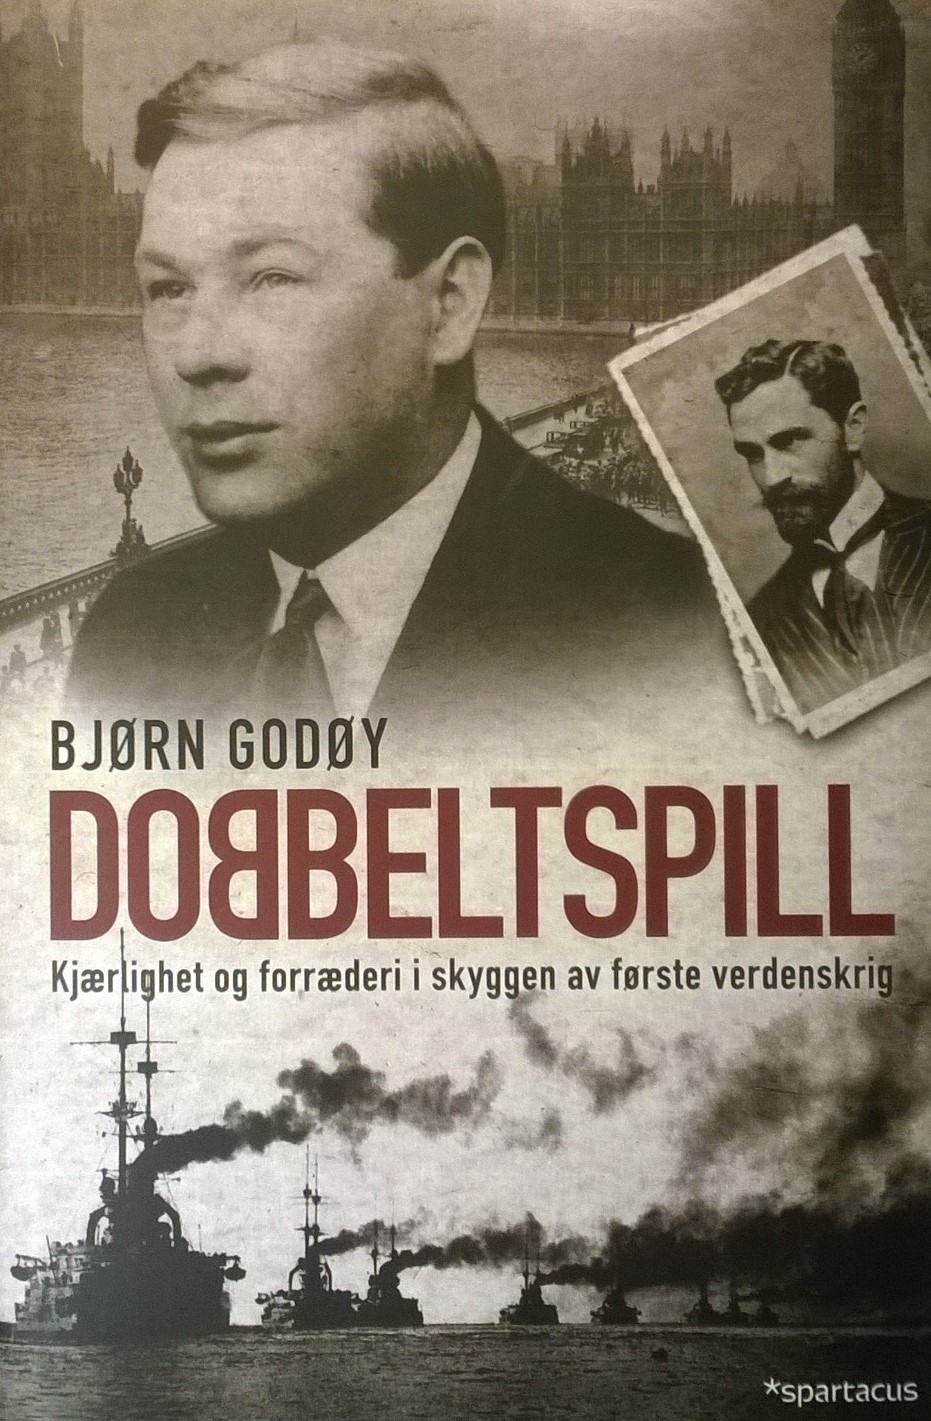 Godøy, Bjørn Dobbeltspill: Kjærlighet og forræderi i skyggen av første verdenskrig